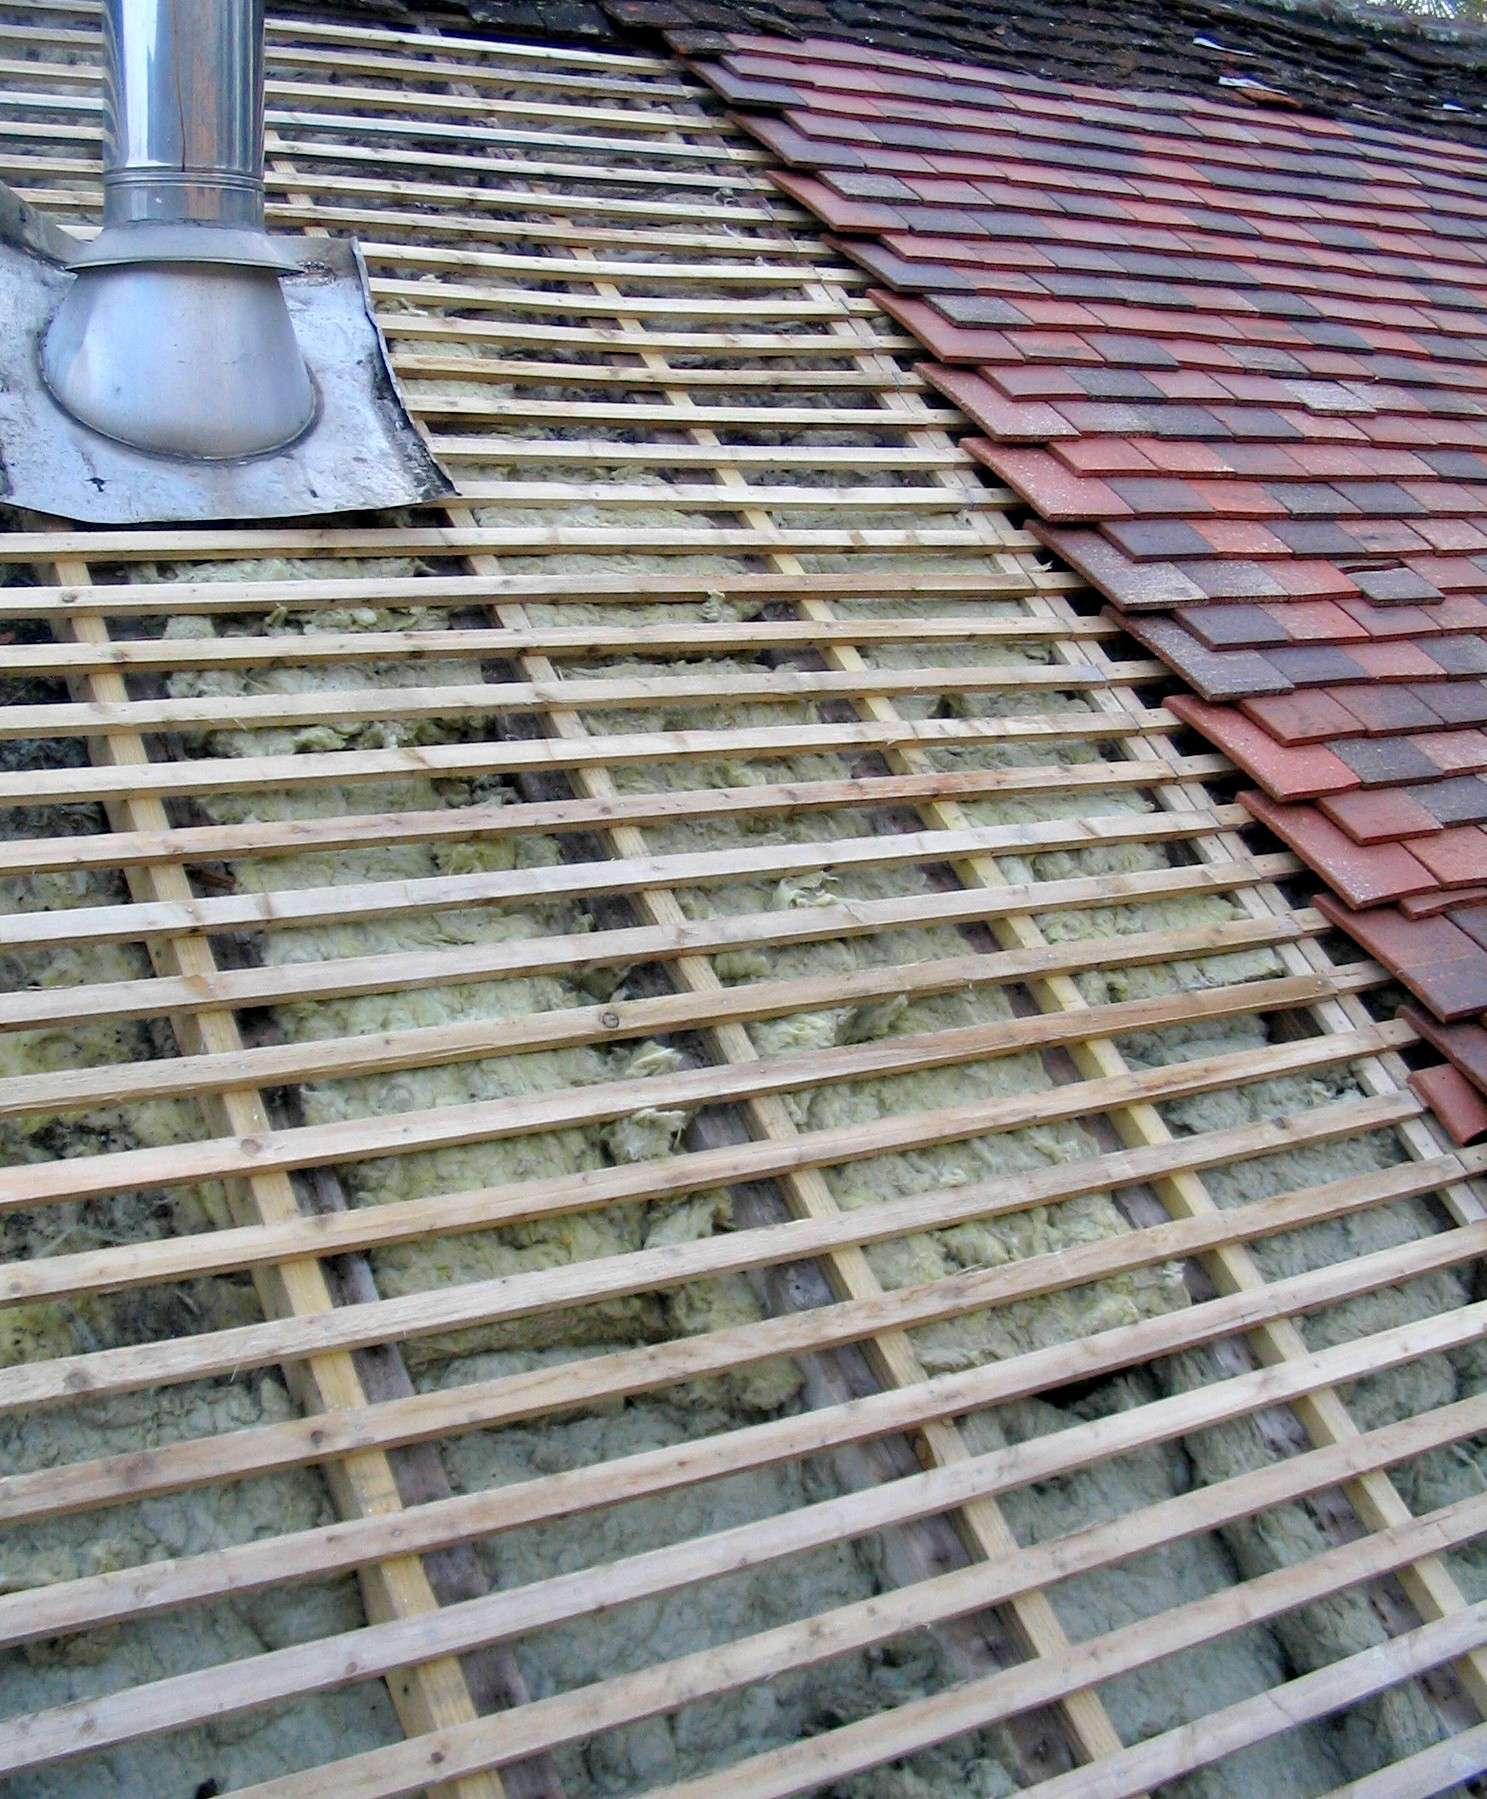 Refaire sa toiture nécessite d'étudier les usages locaux pour une meilleure efficacité. © Patrick.charpiat, Wikimedia commons, CC BY-SA 3.0